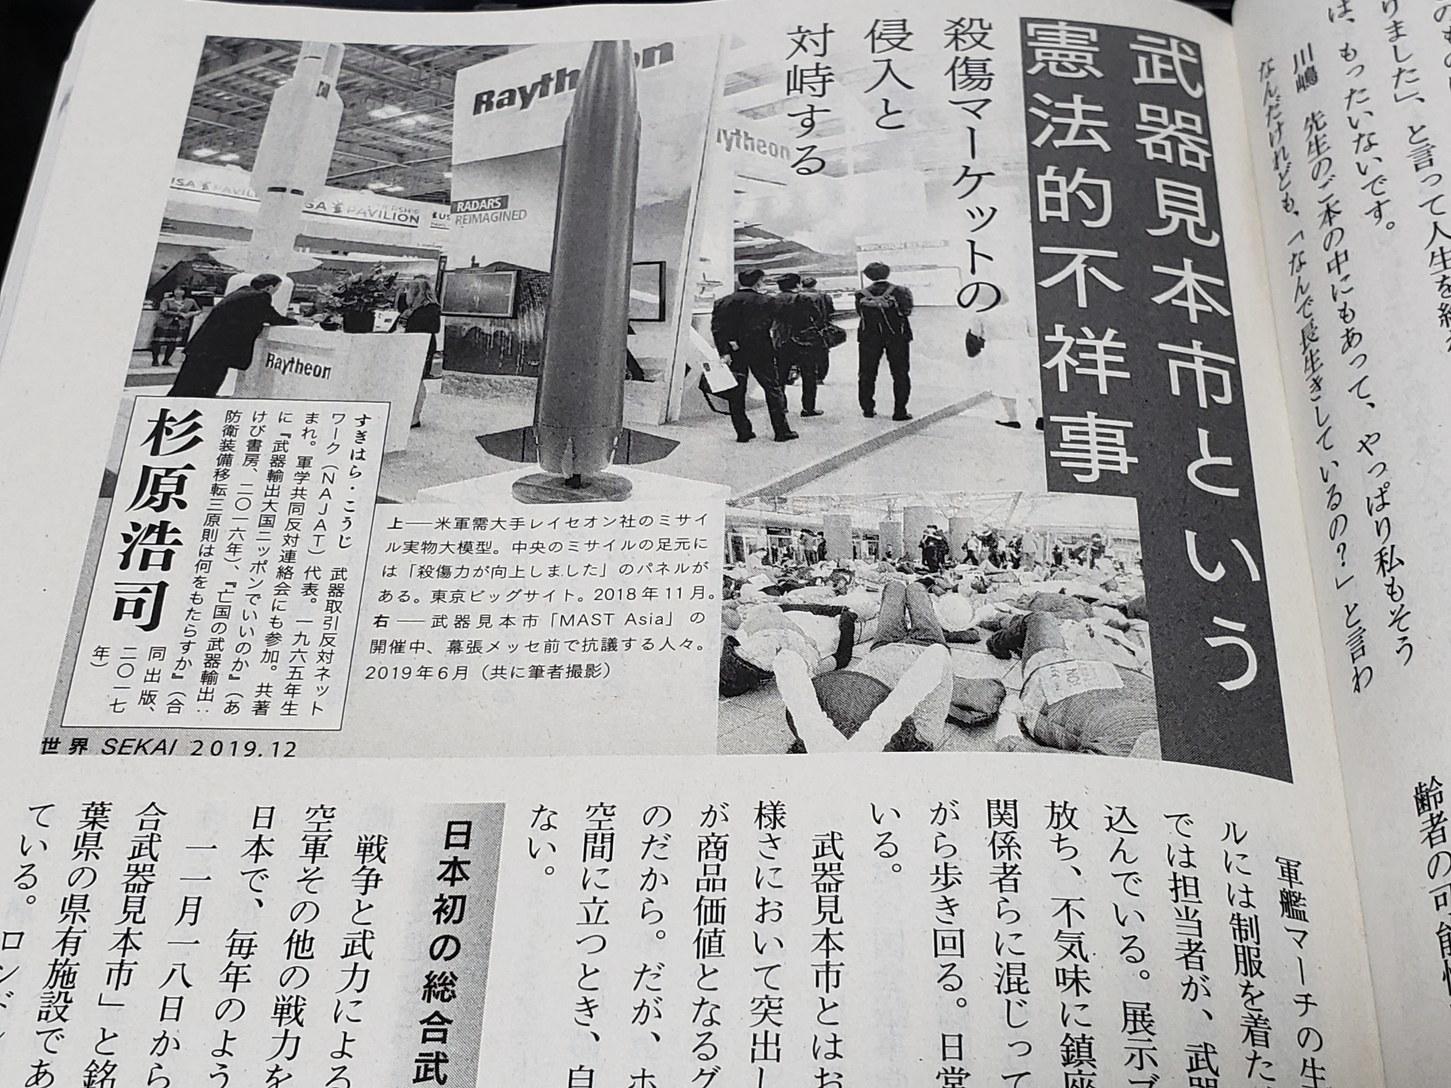 『世界』12月号に「武器見本市という憲法的不祥事」を寄稿しました_a0336146_22255418.jpg